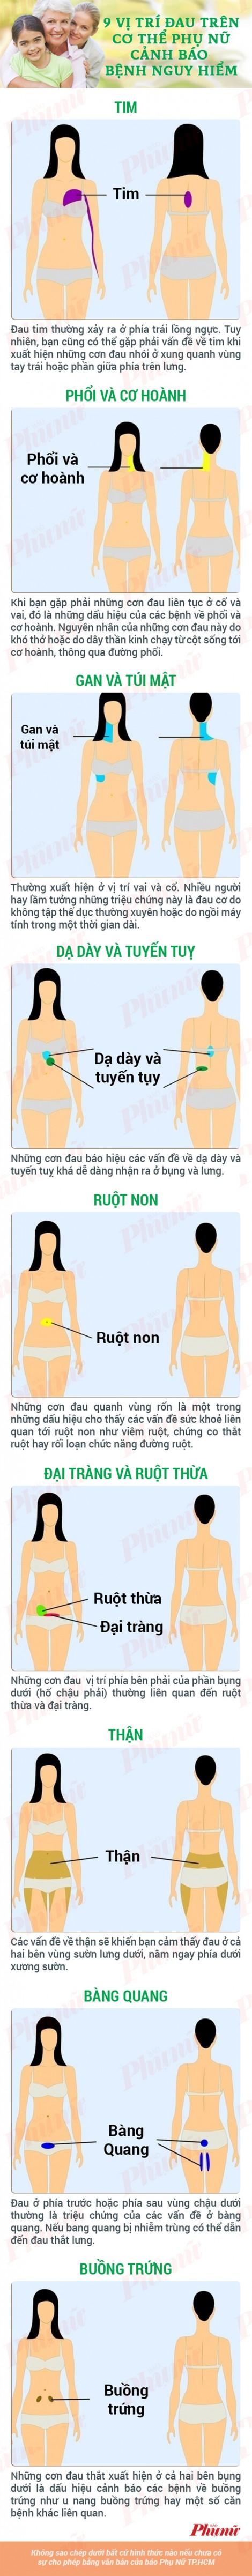 9 vị trí đau trên cơ thể phụ nữ cảnh báo bệnh nguy hiểm